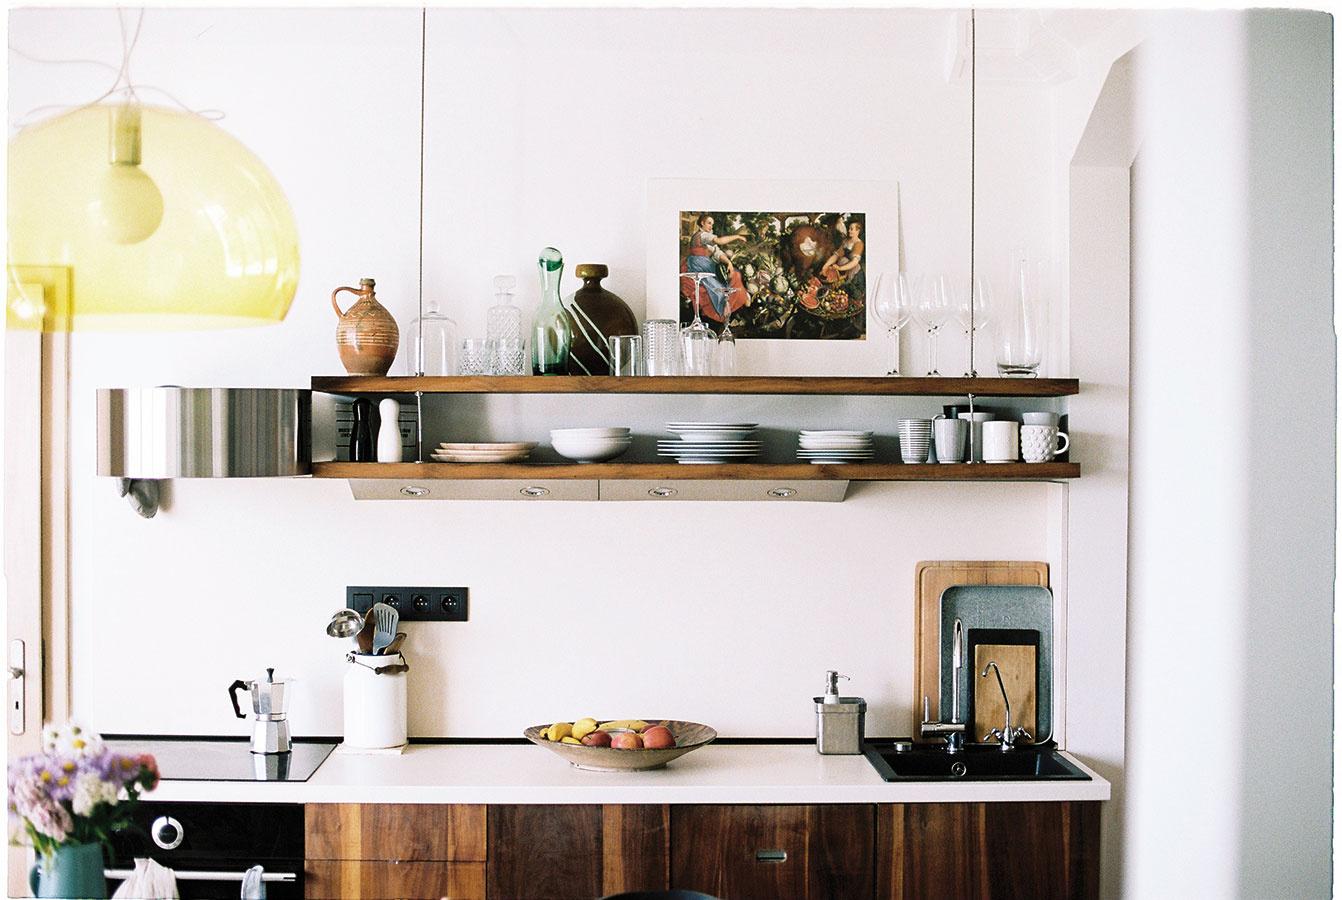 Tematicky. Vtipný spôsob, ako doplniť trebárs prázdne steny vkuchyni, môže byť voľba prvkov spodobnou témou. Reprodukciu Ženy so zeleninou aovocím od Joachima Beuckelaera je možné objednať na www.webumenia.sk.